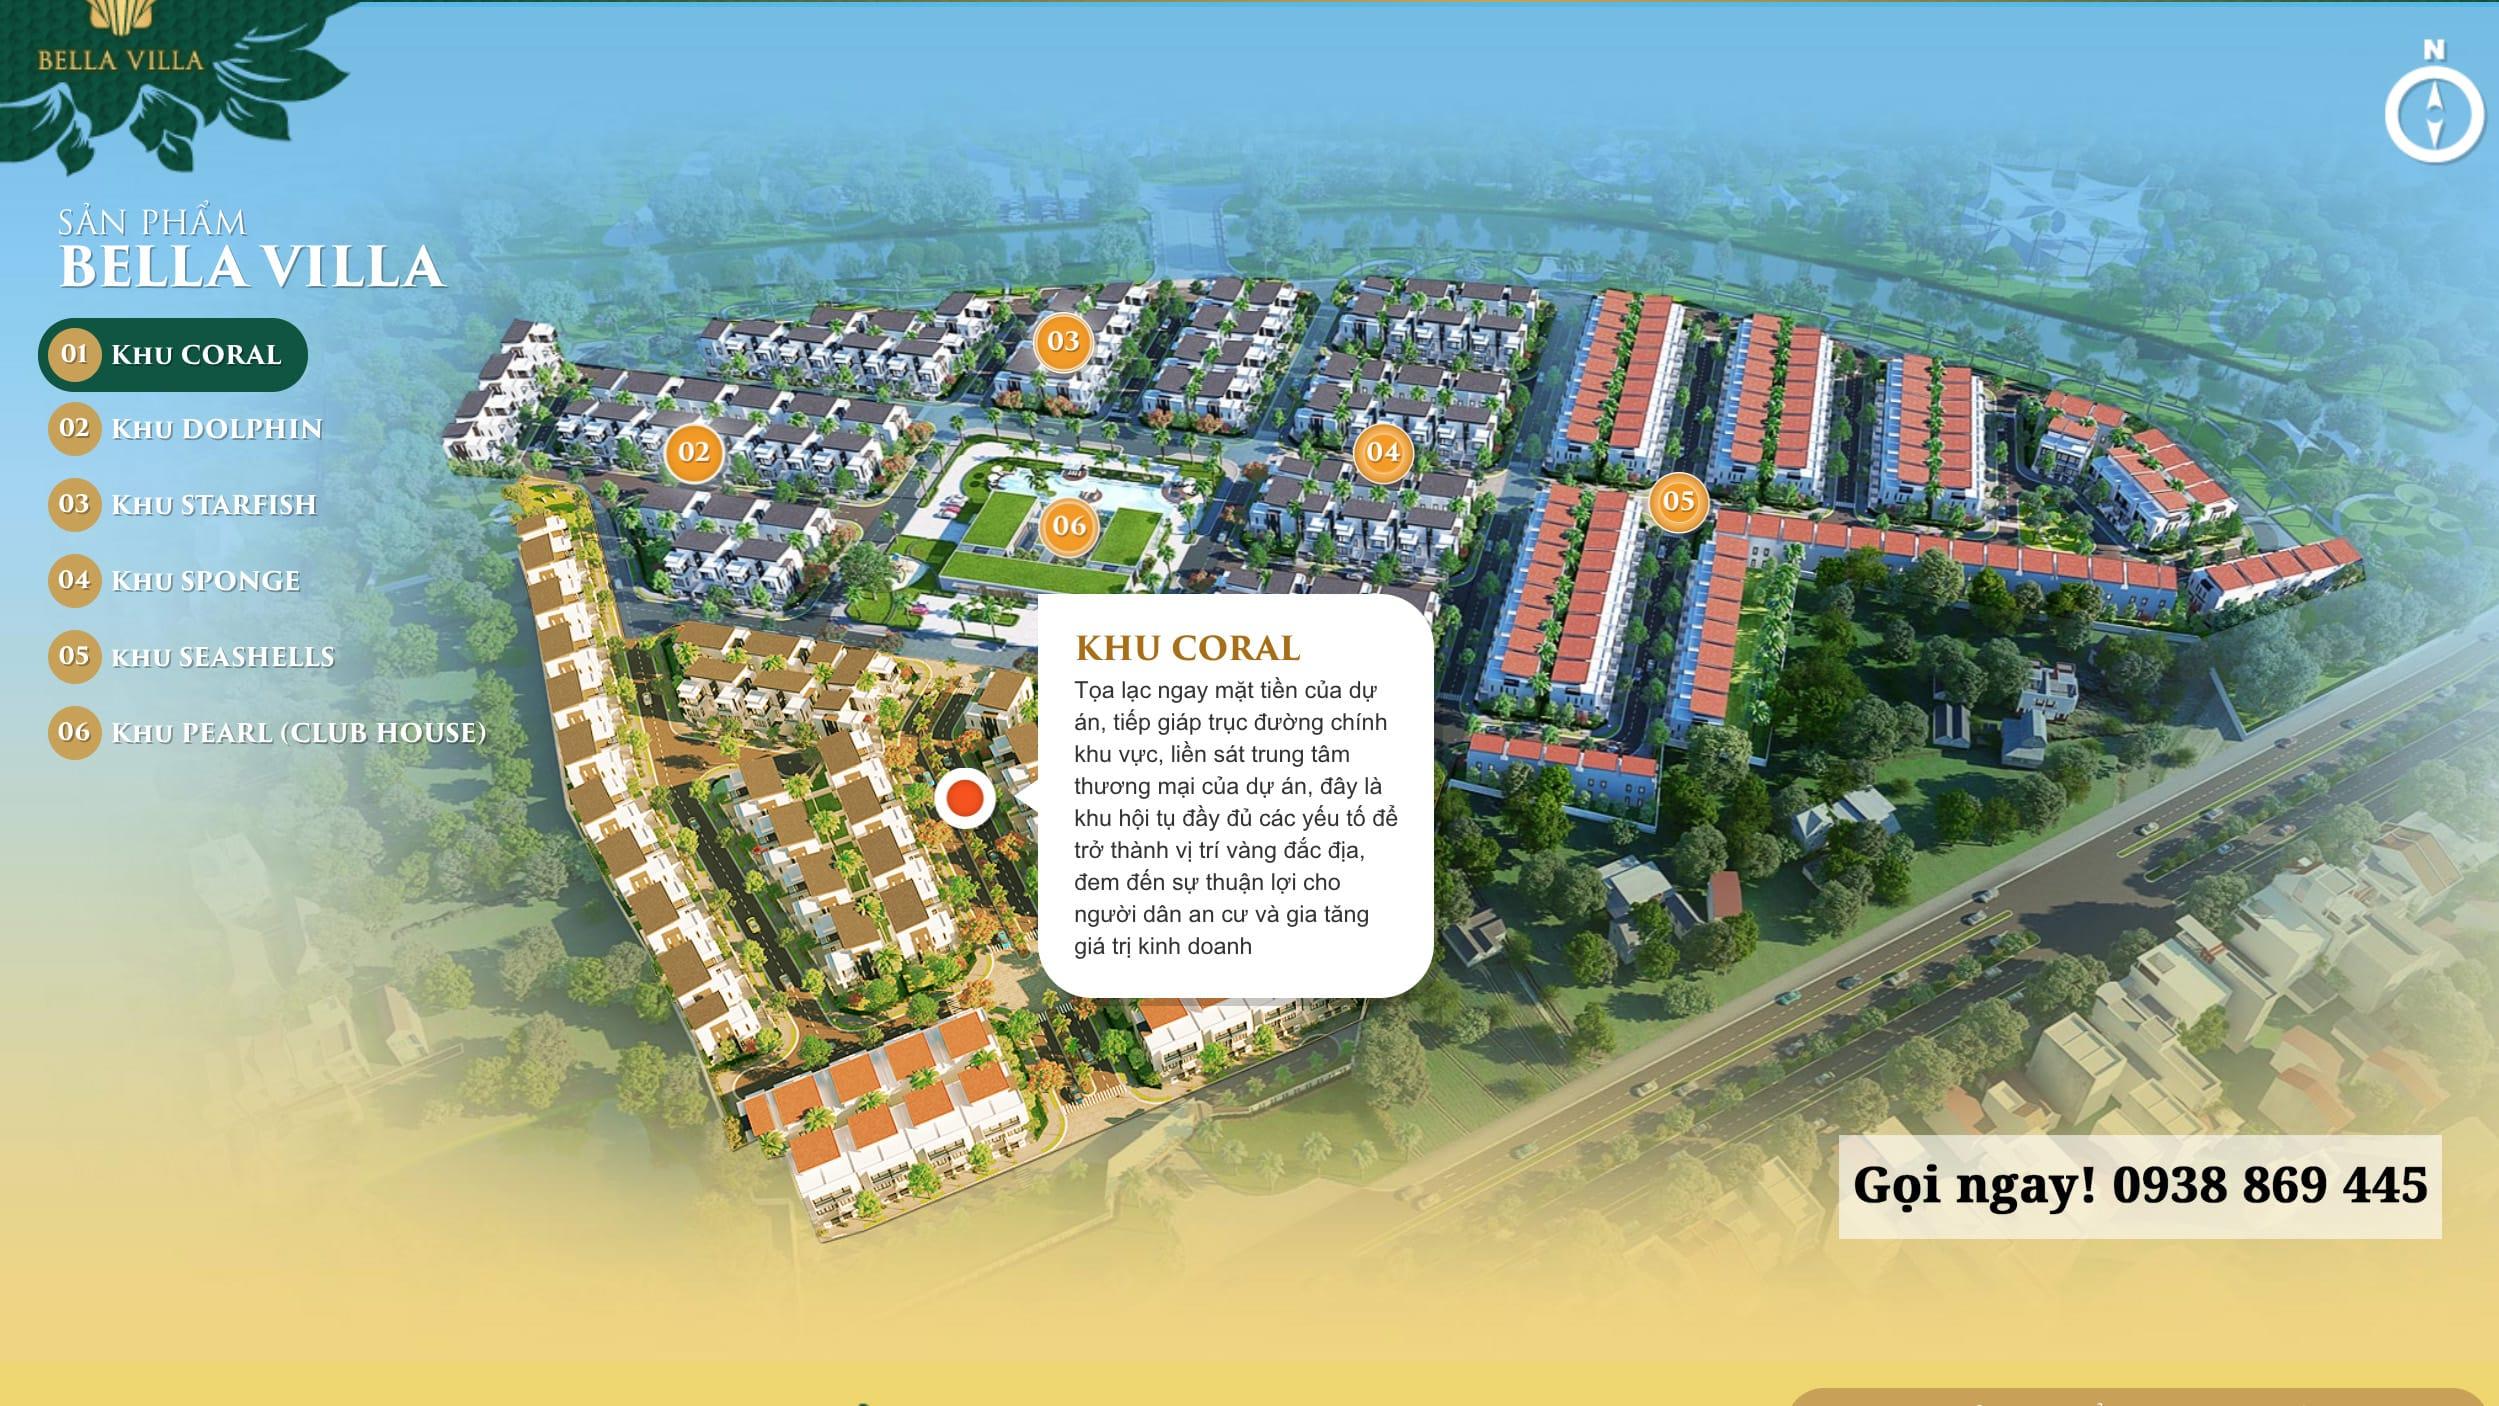 Dự án Bella Villa Trần Anh - Khu Coral